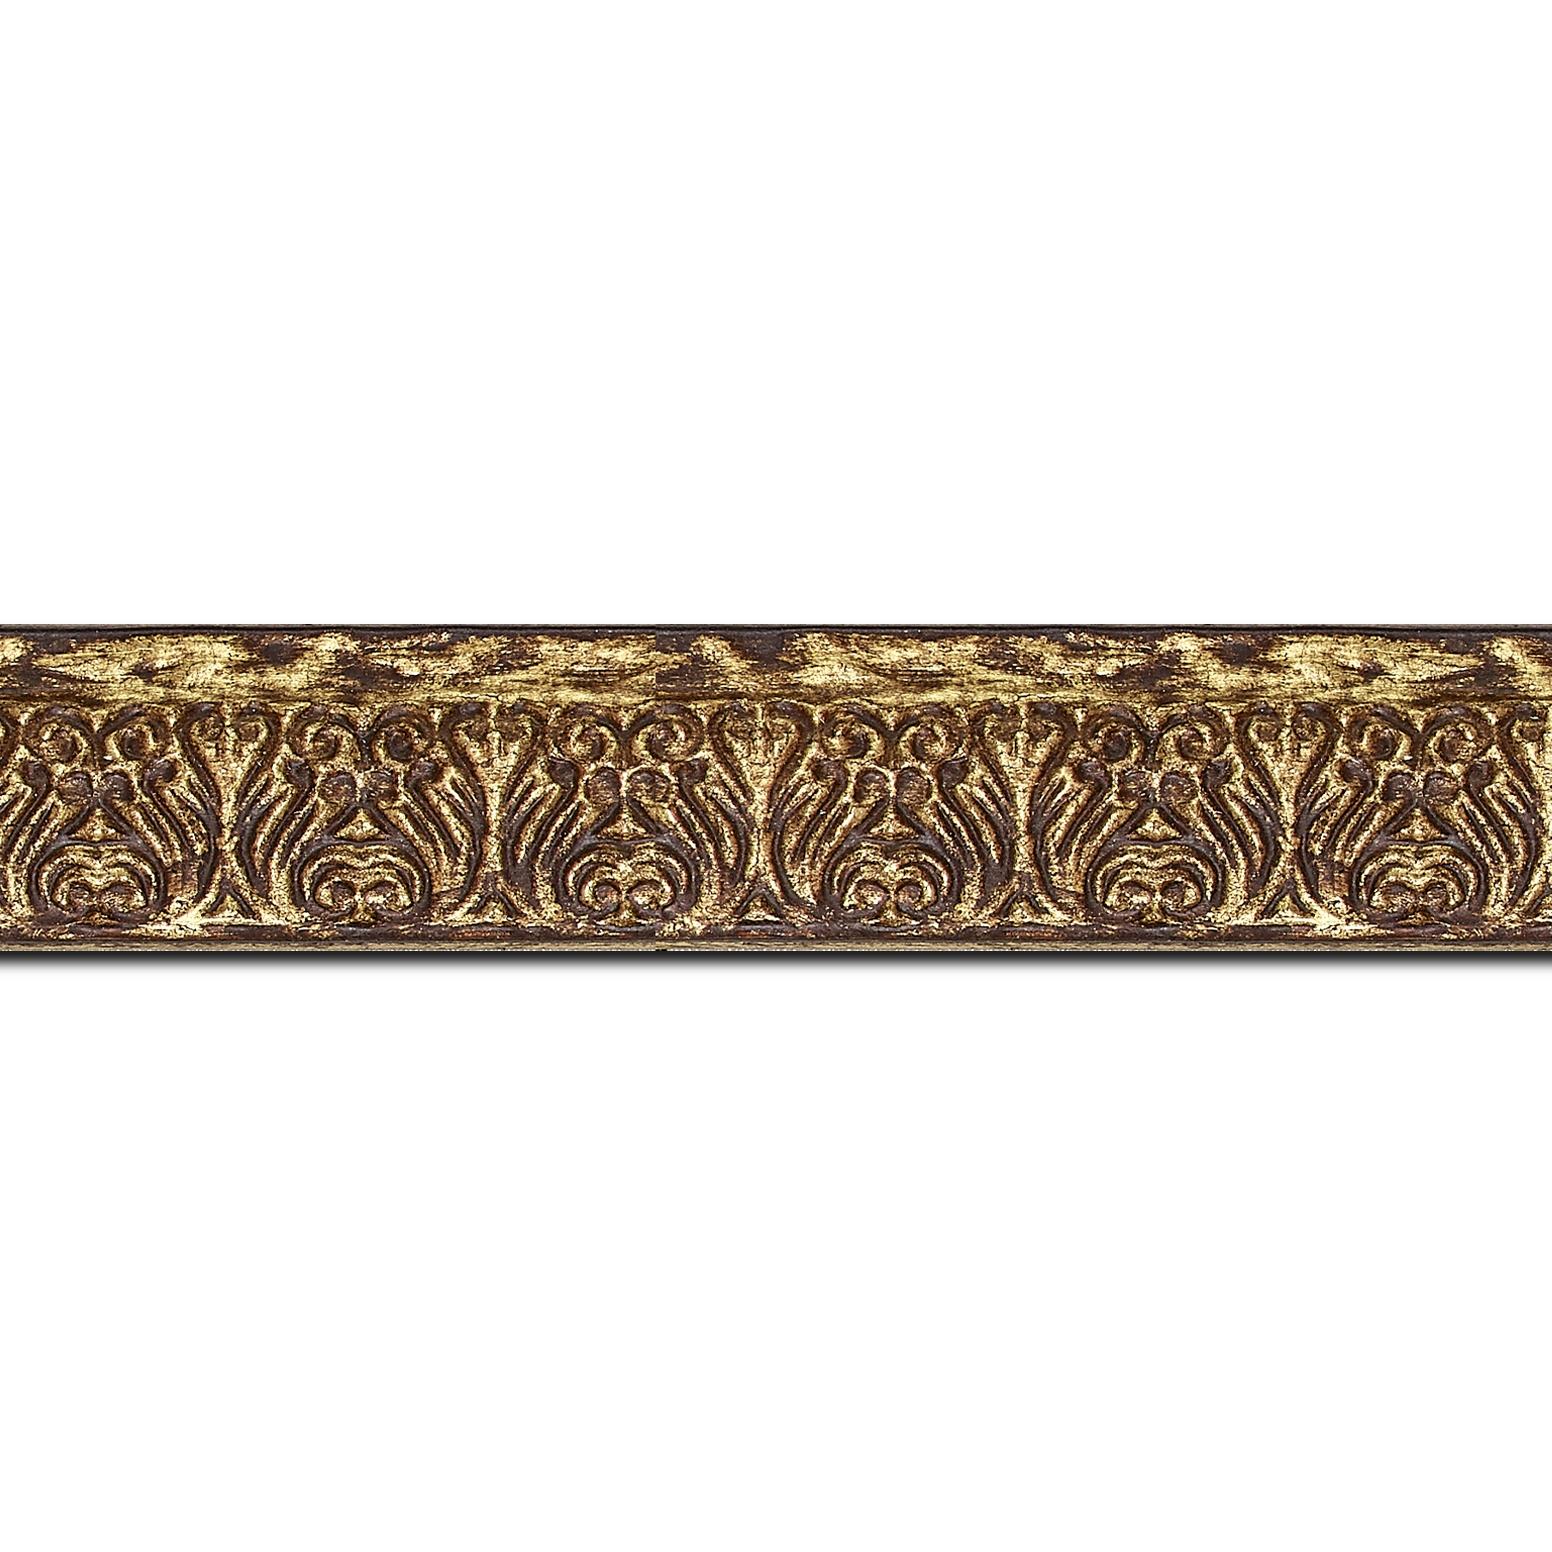 Pack par 12m, bois profil incurvé largeur 3cm or antique vieilli à la feuille style (longueur baguette pouvant varier entre 2.40m et 3m selon arrivage des bois)